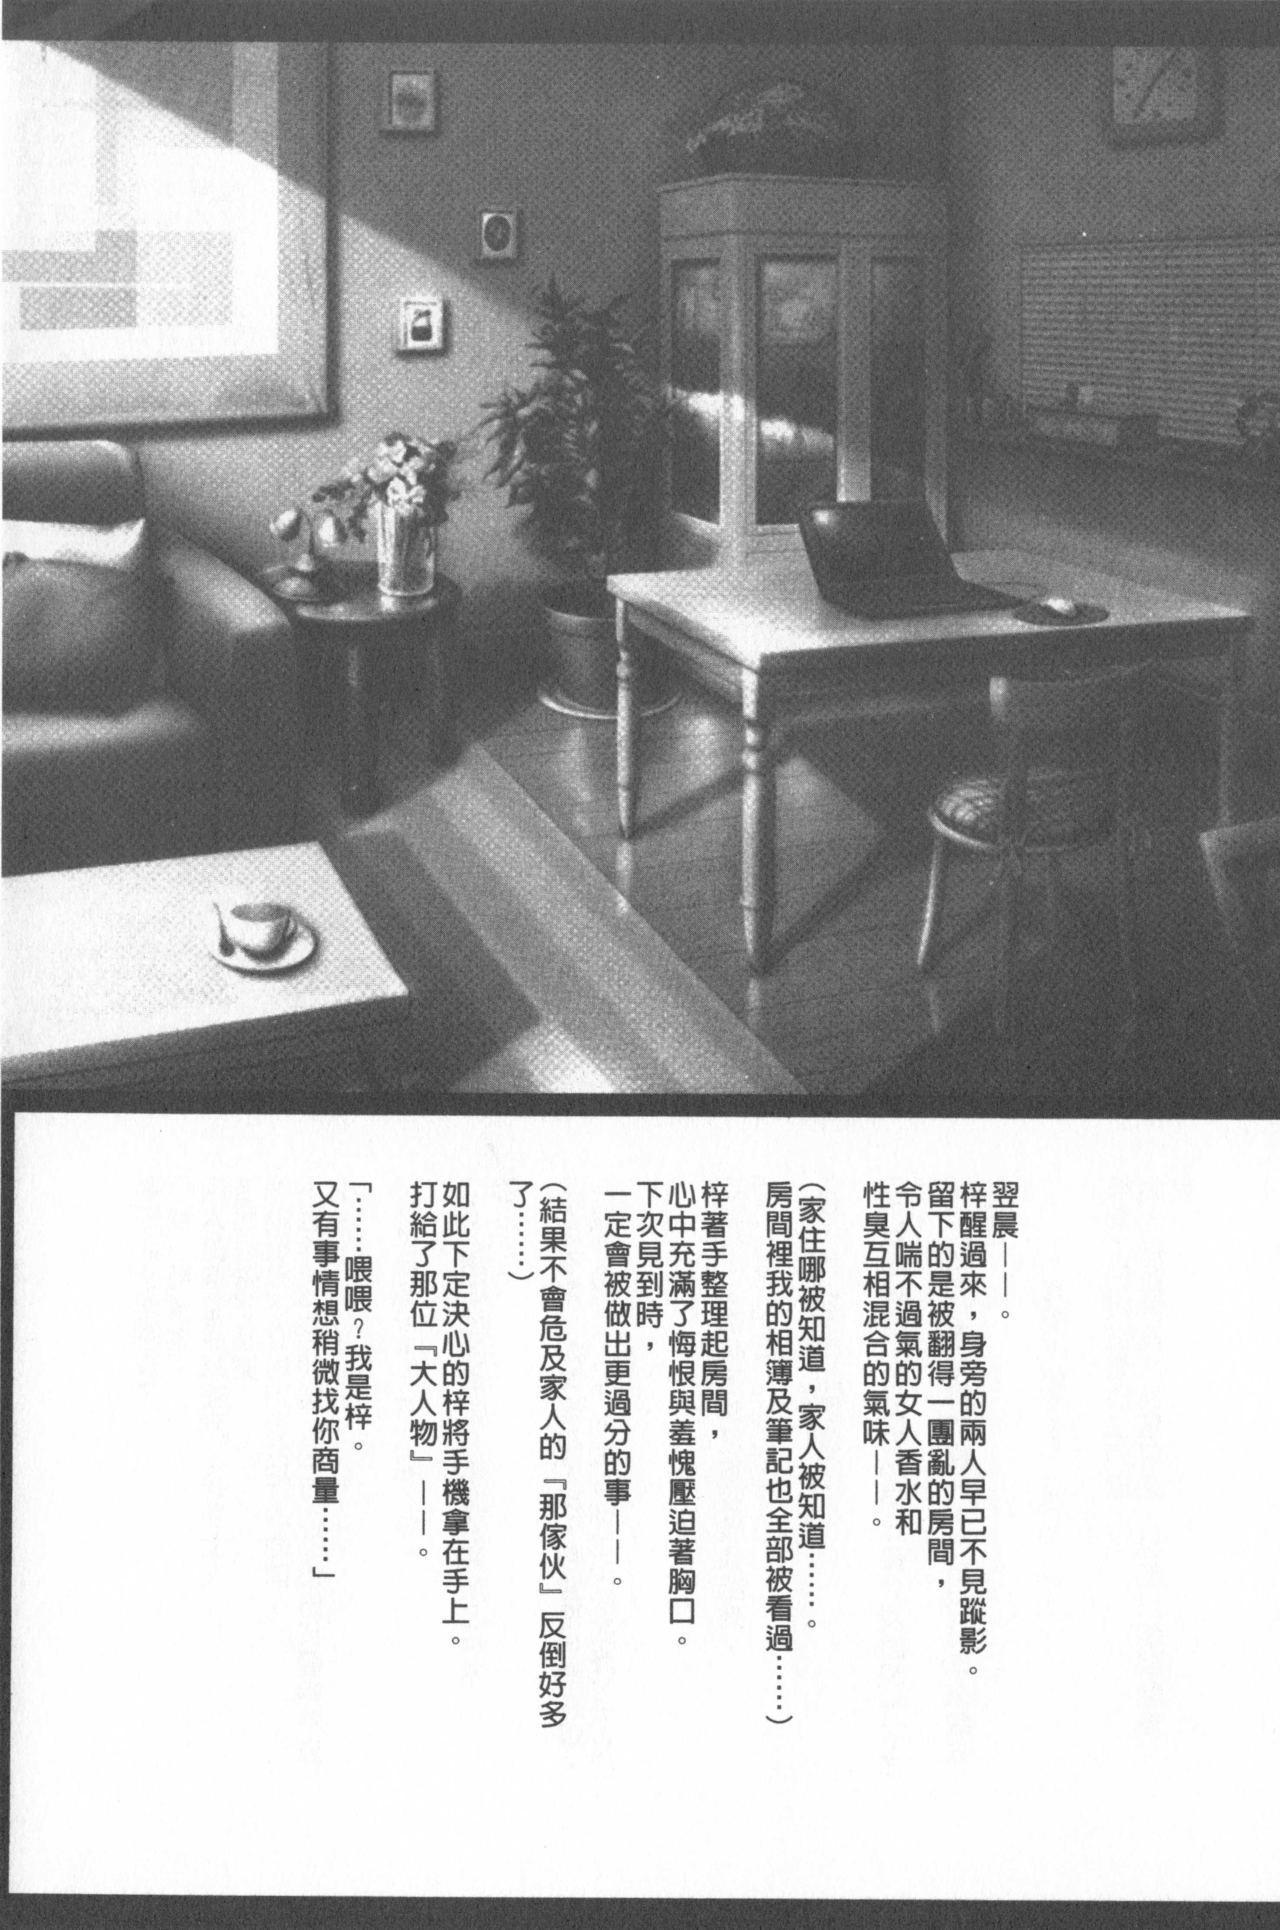 JK Control 194